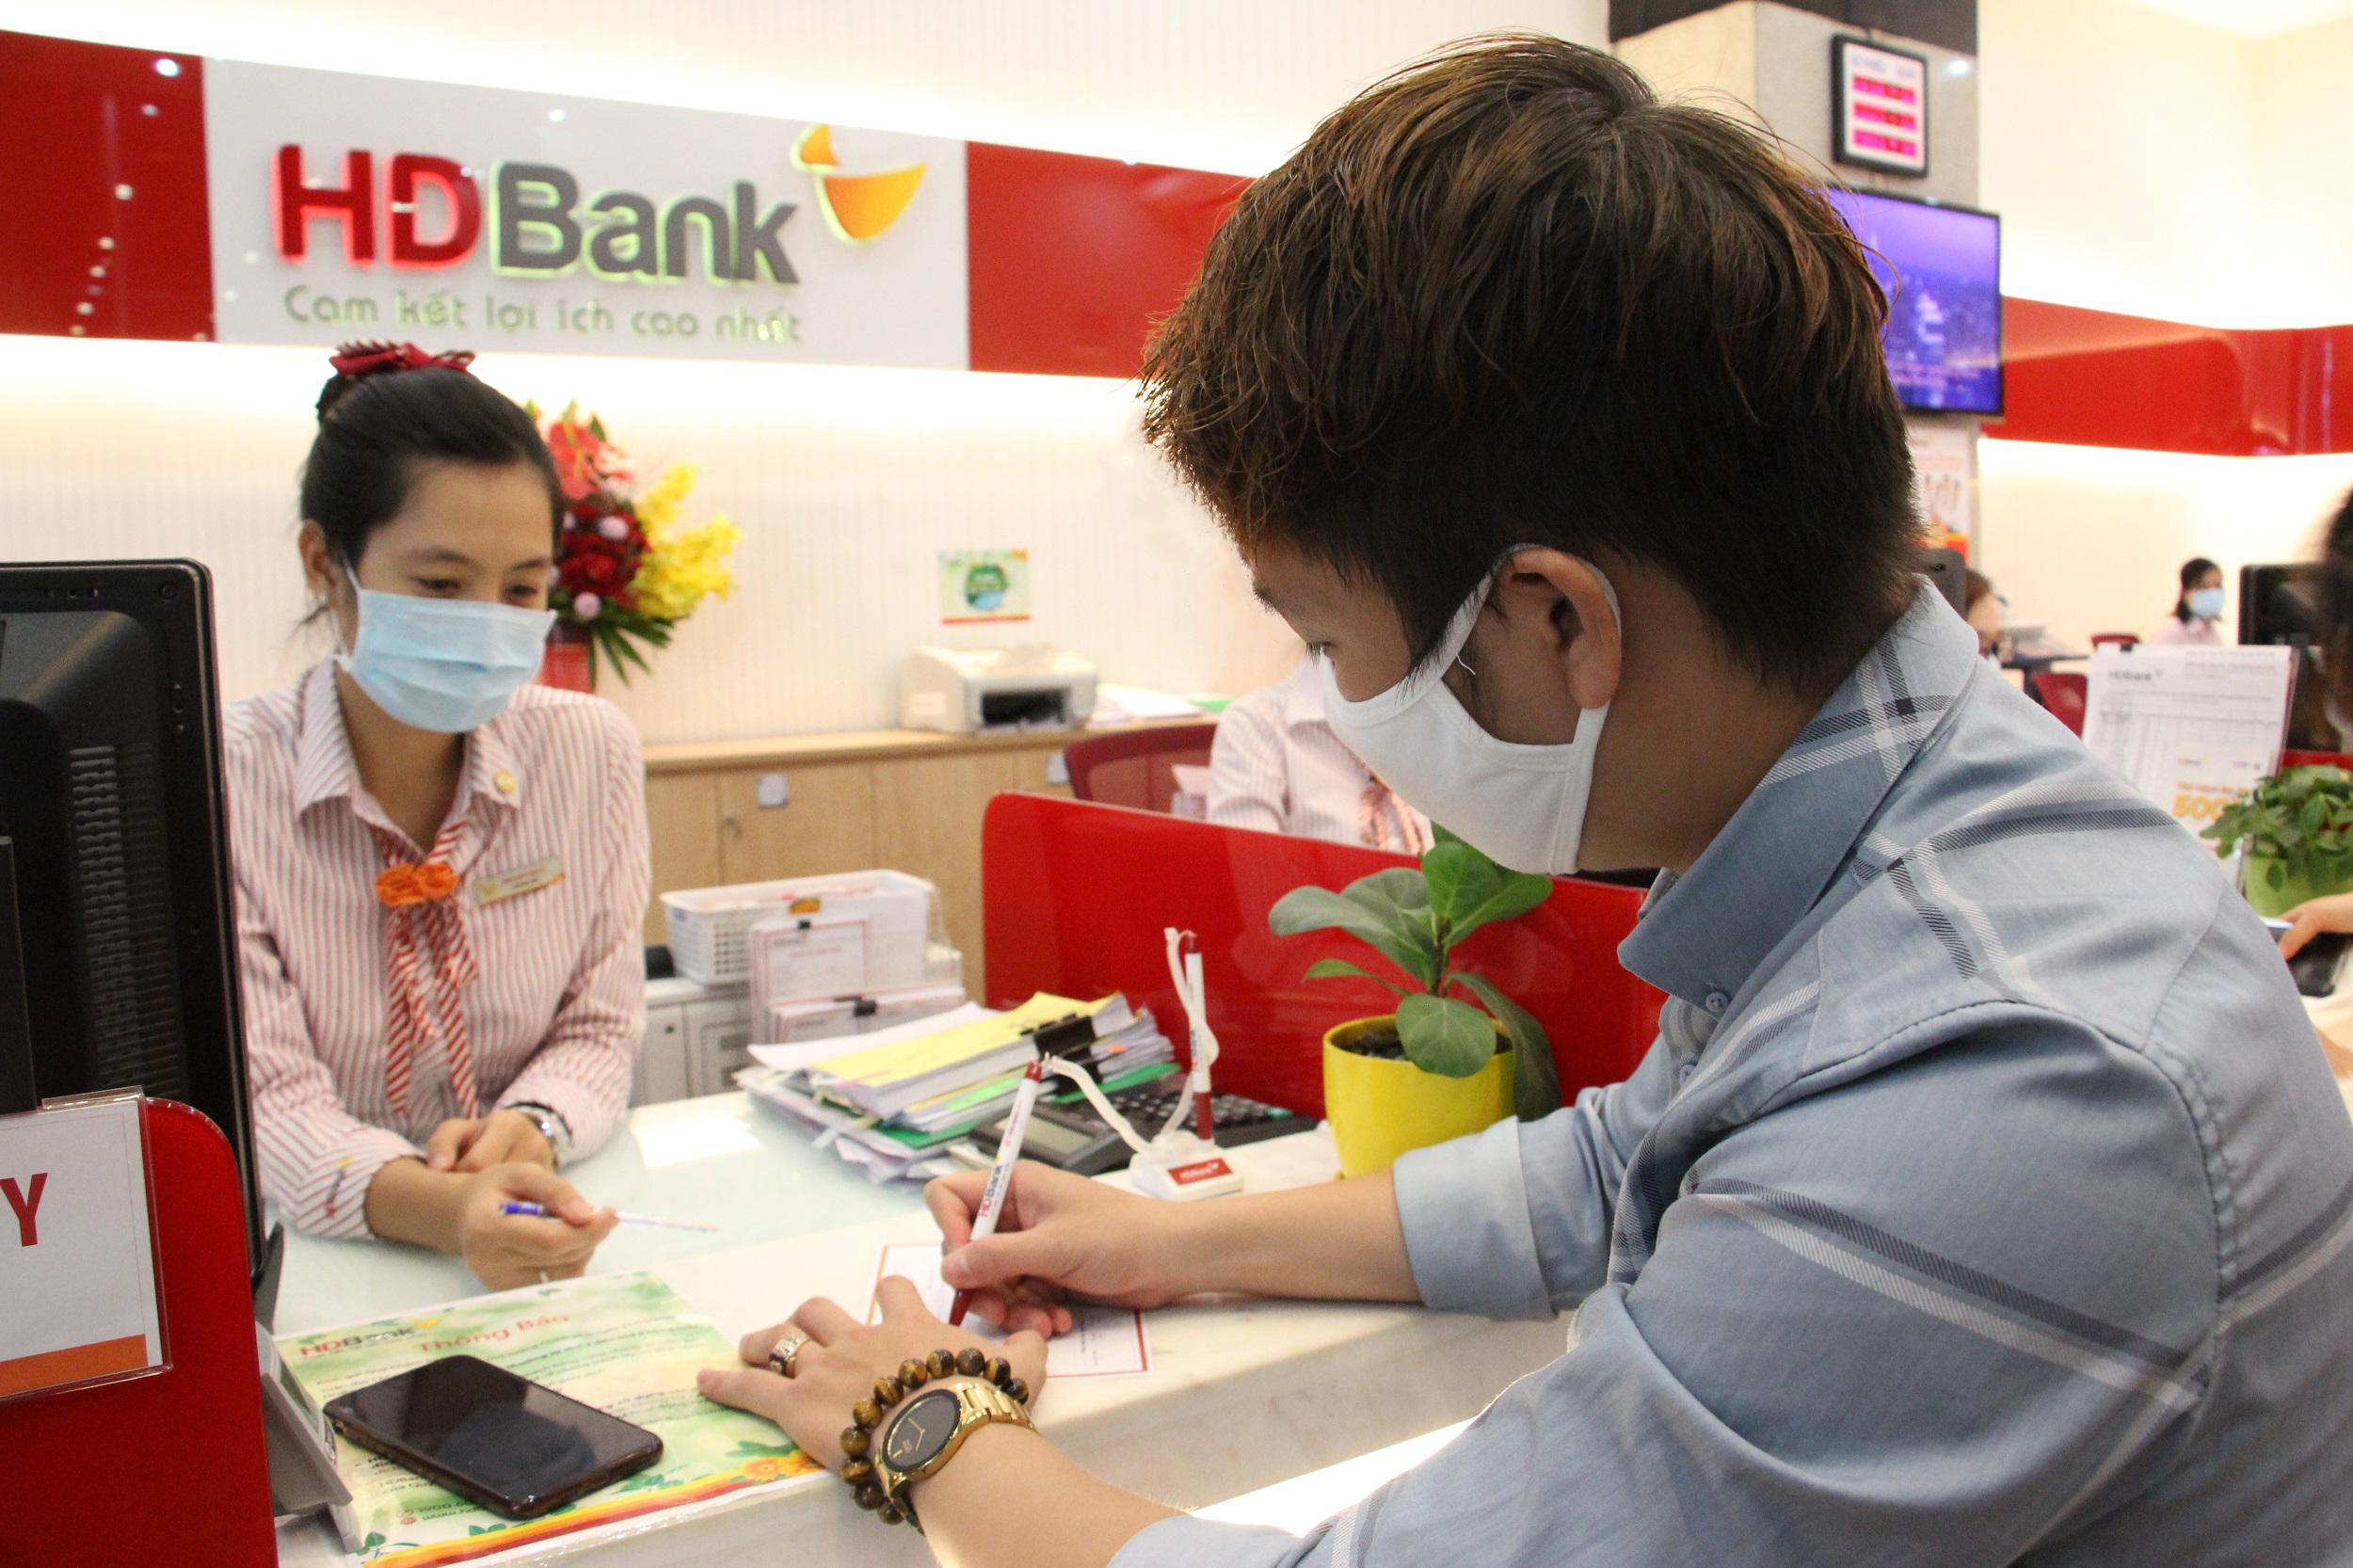 HDBank ân hạn thời gian trả nợ gốc của khách hàng trong mùa dịch  - Ảnh 1